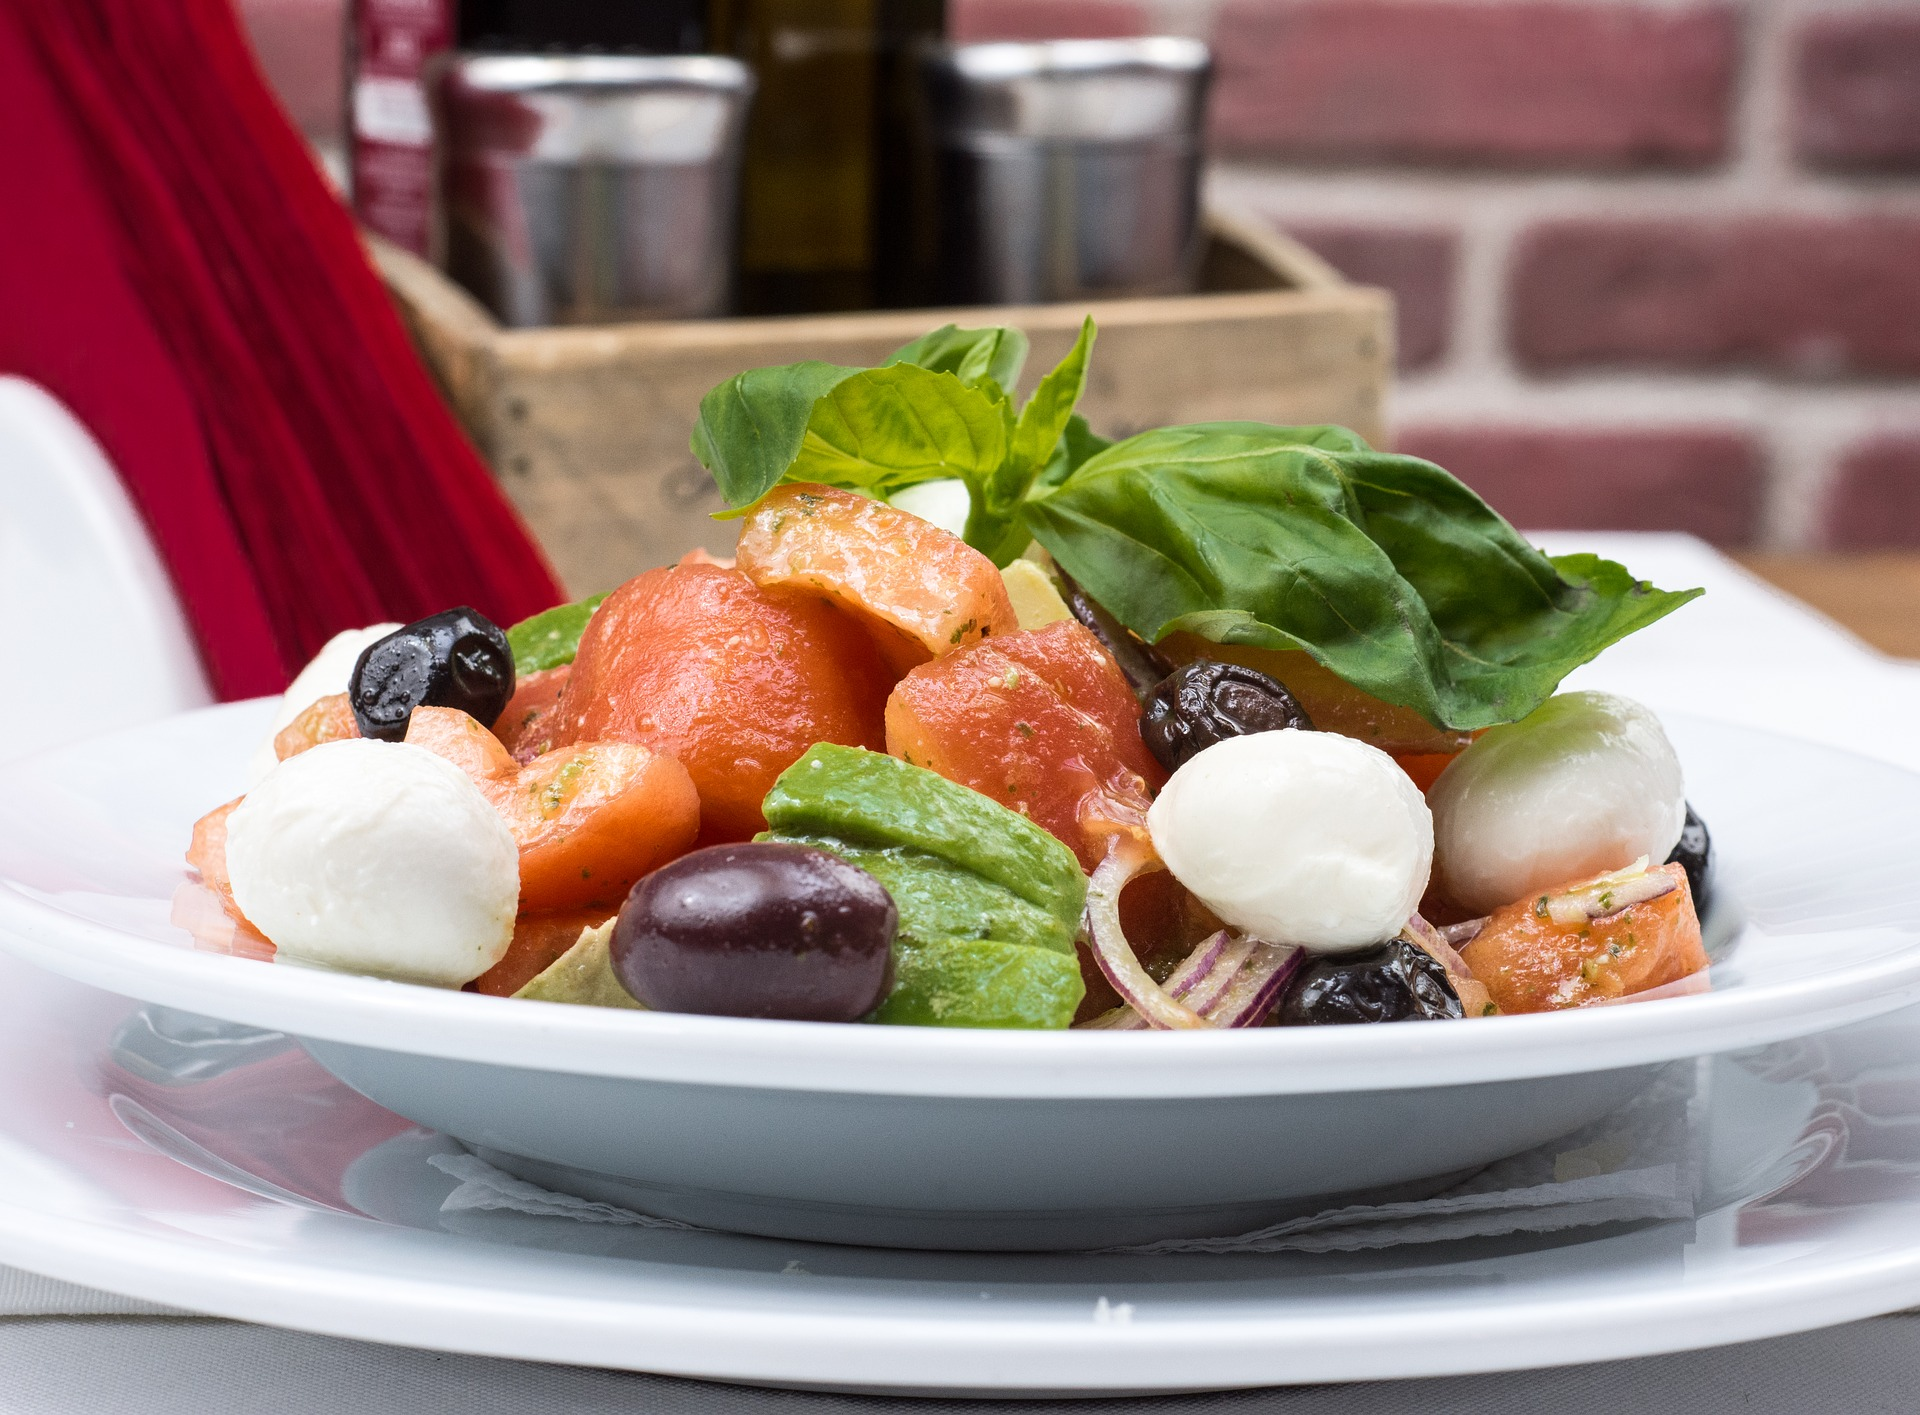 Italian Salad 2156729 1920 1